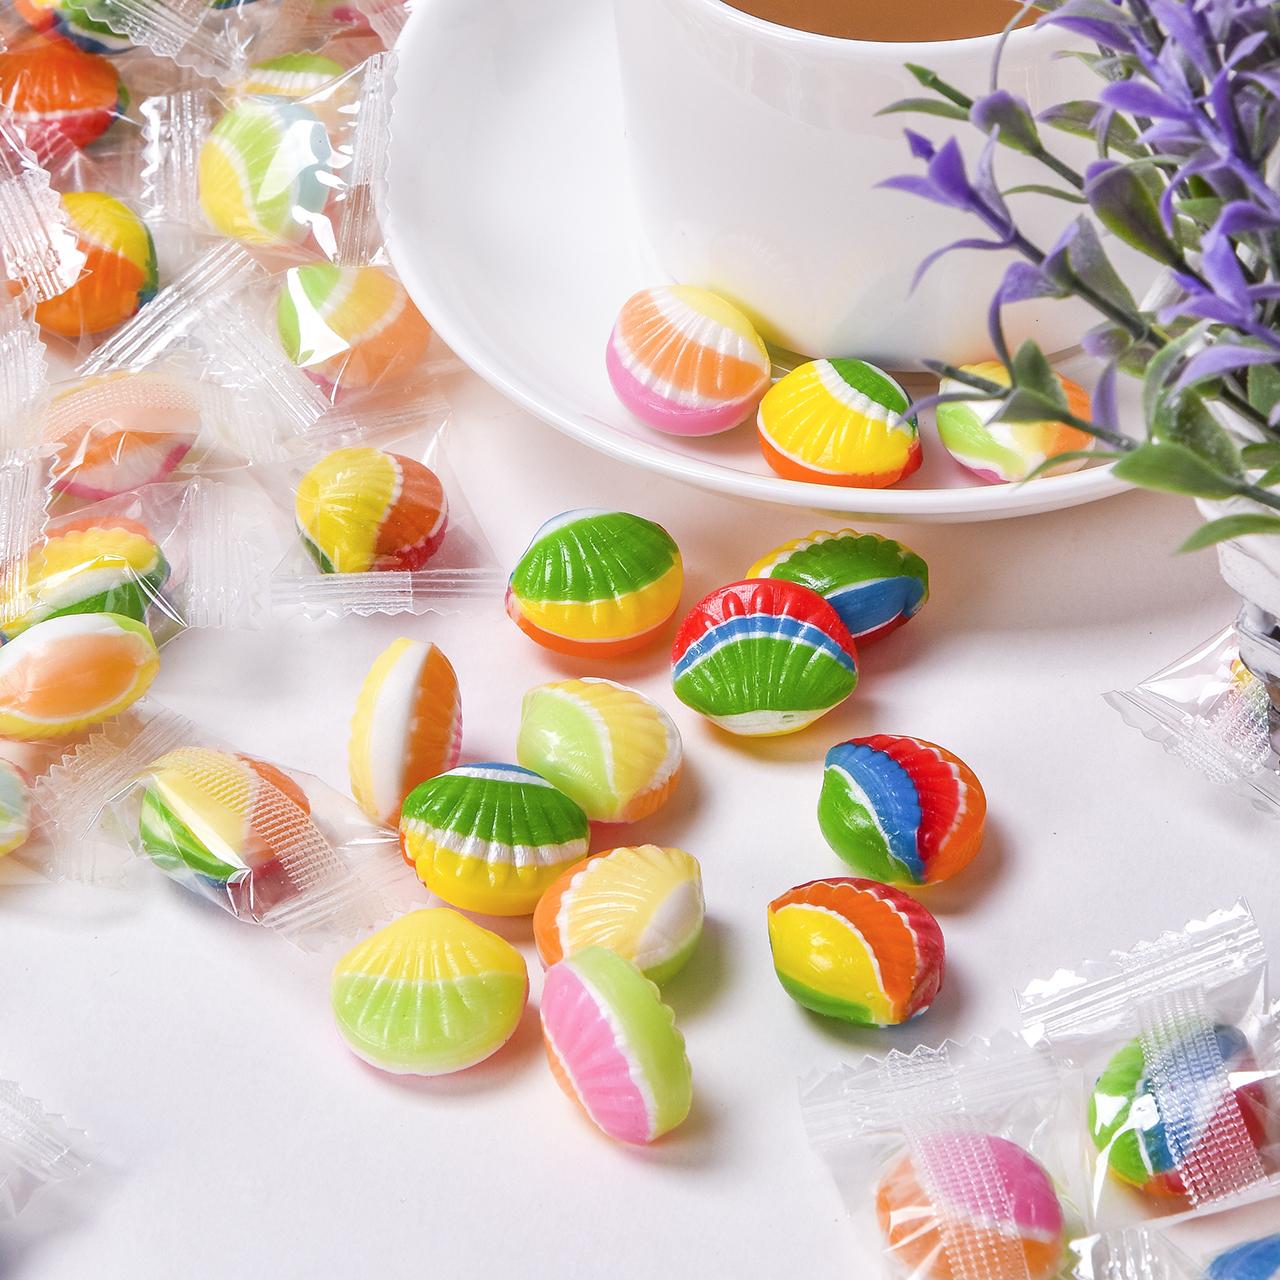 网红抖音高颜值创意七彩散装糖果